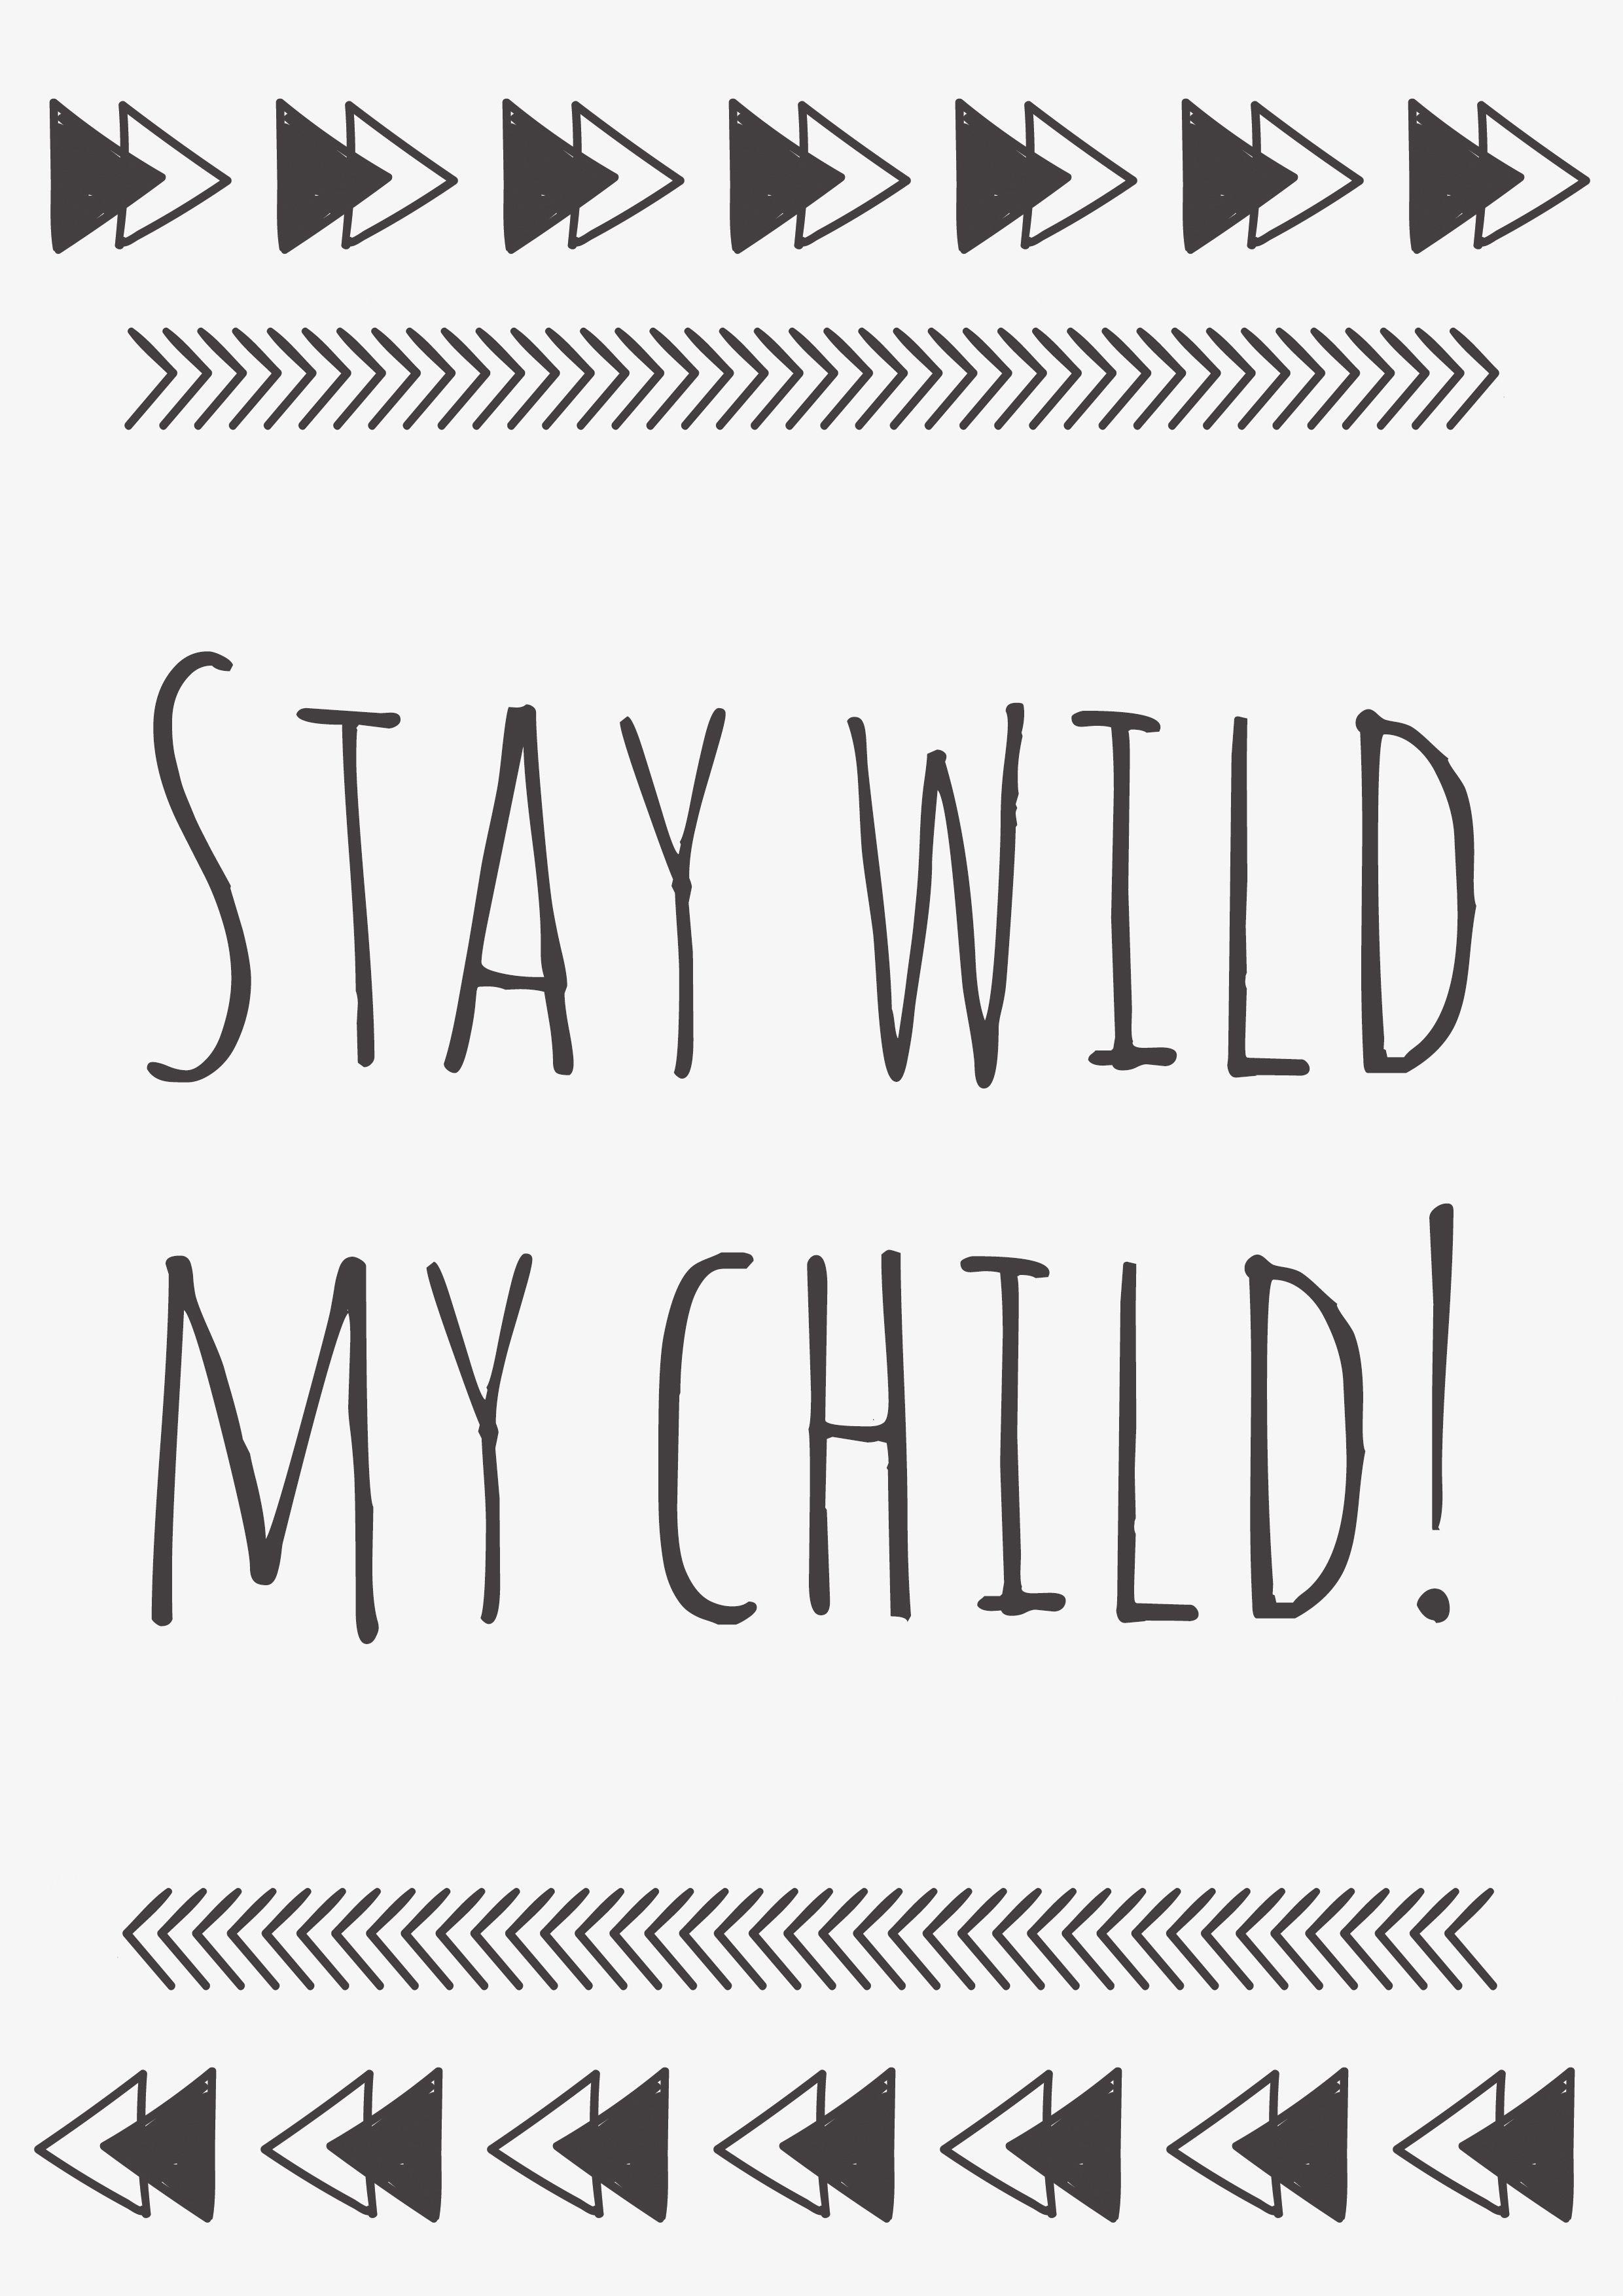 Gratis Download Poster Stay Wild My Child Bilder Wohnzimmer Bilder Malen Bilder Ideen Lustige Bilder Tumblr Bilder Bild In 2020 Stay Wild My Children Wild